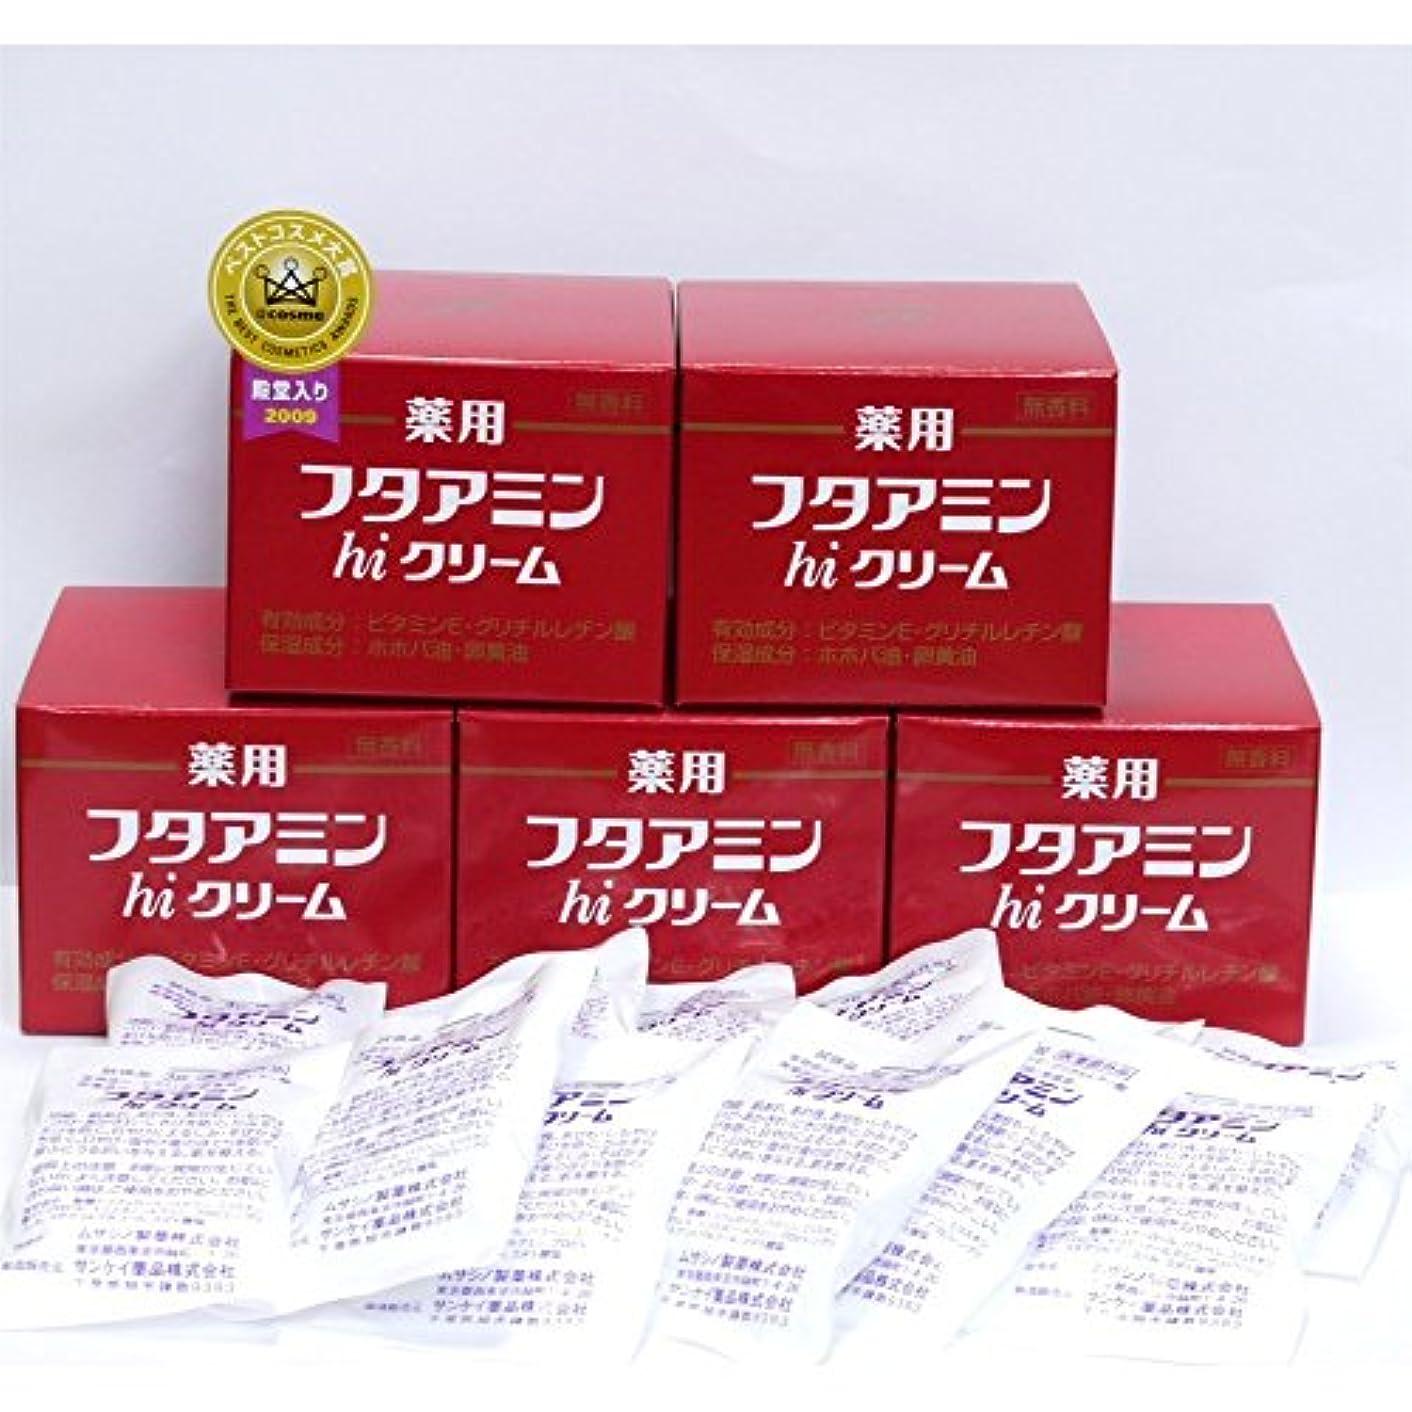 上向き求人高価な薬用 フタアミンhiクリーム 130g  5個セット 3gお試品×12個付